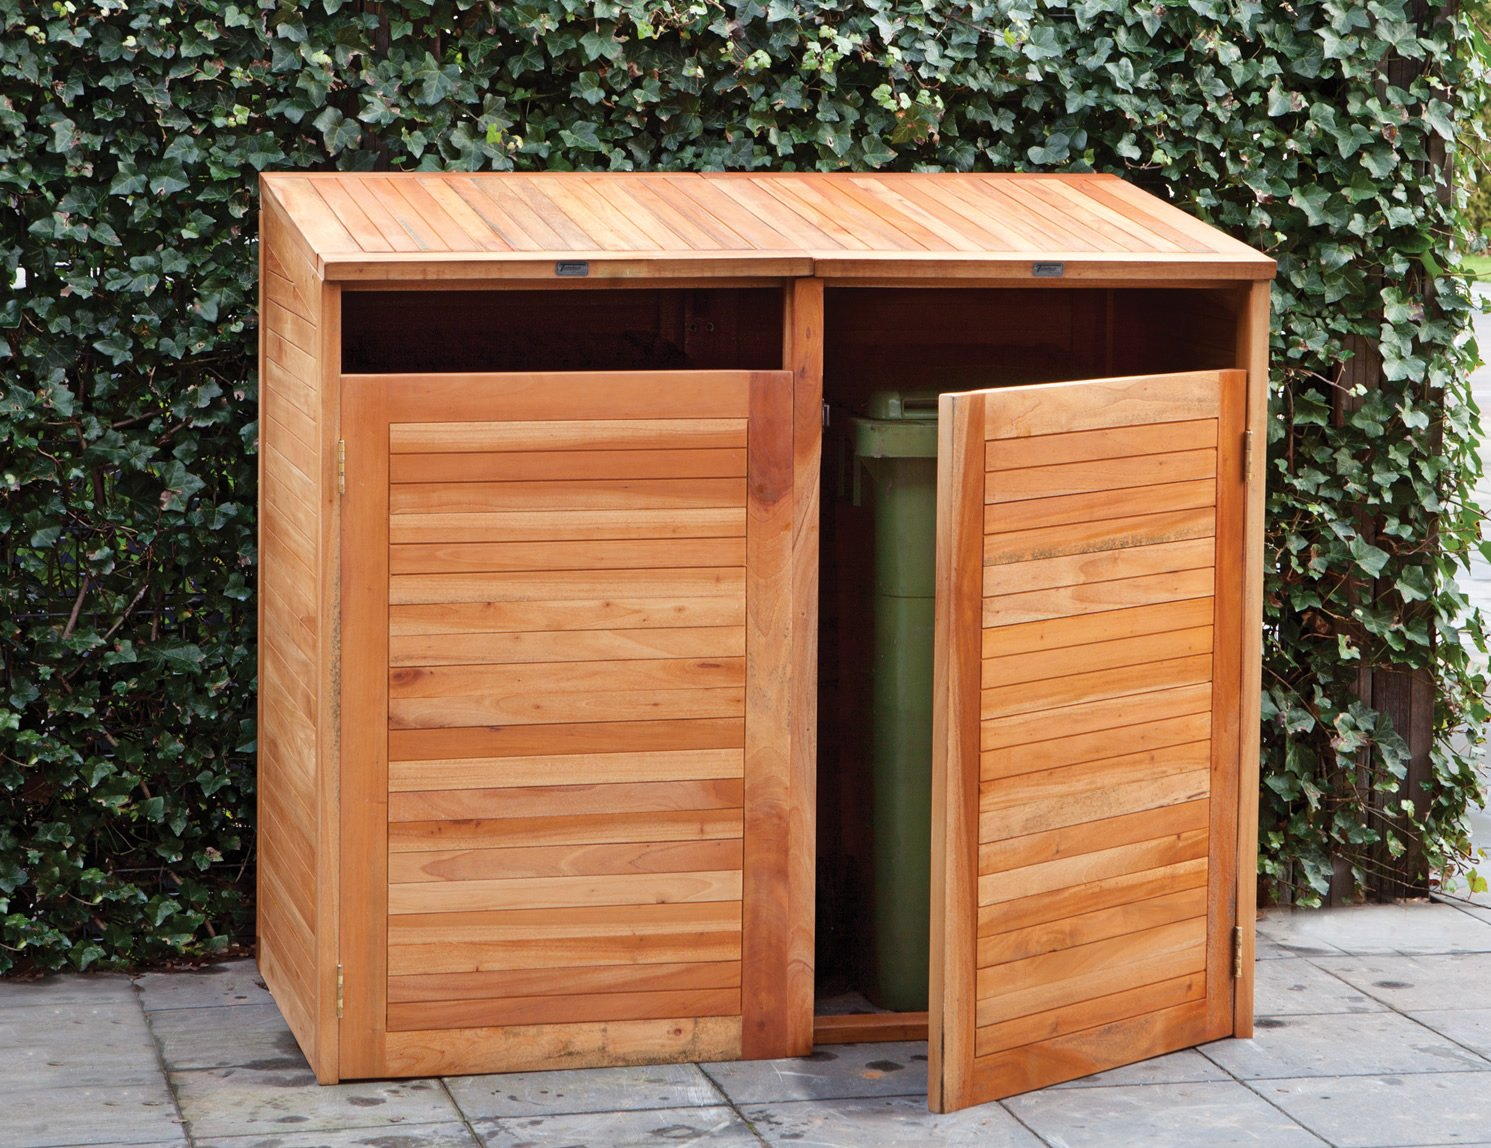 Hardwood double wheelie bin store - Comment fabriquer un cache poubelle en bois ...